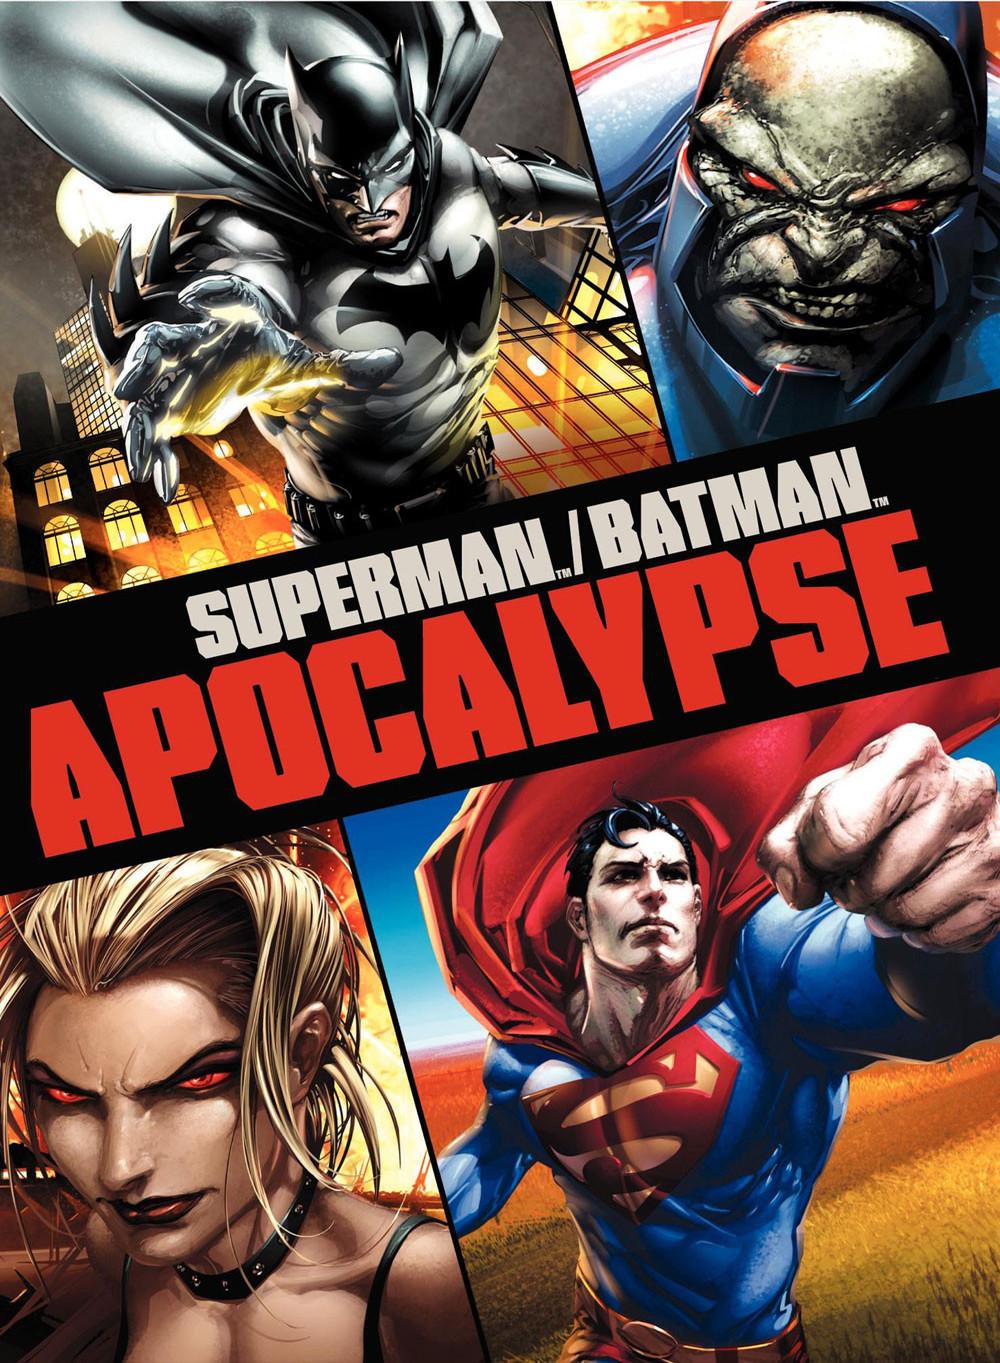 affiche du film Superman/Batman : Apocalypse